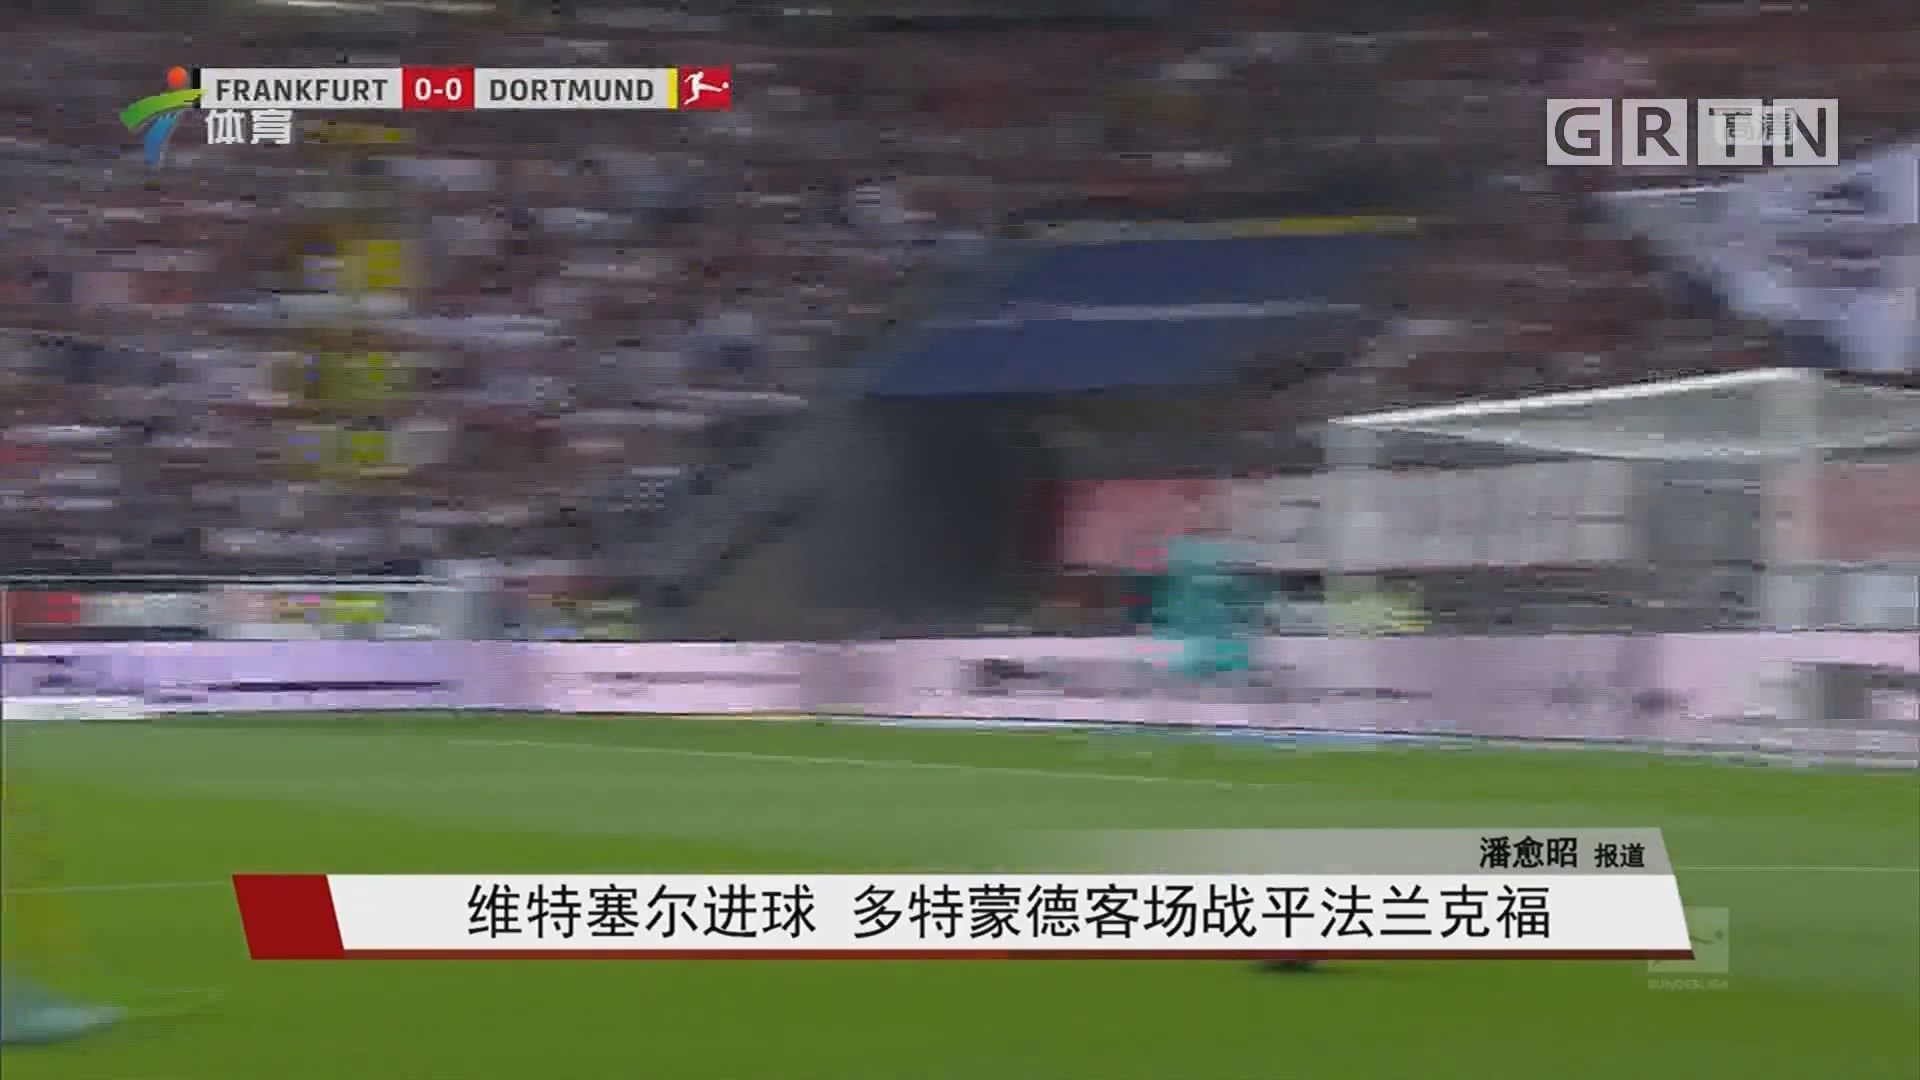 维特塞尔进球 多特蒙德客场战平法兰克福